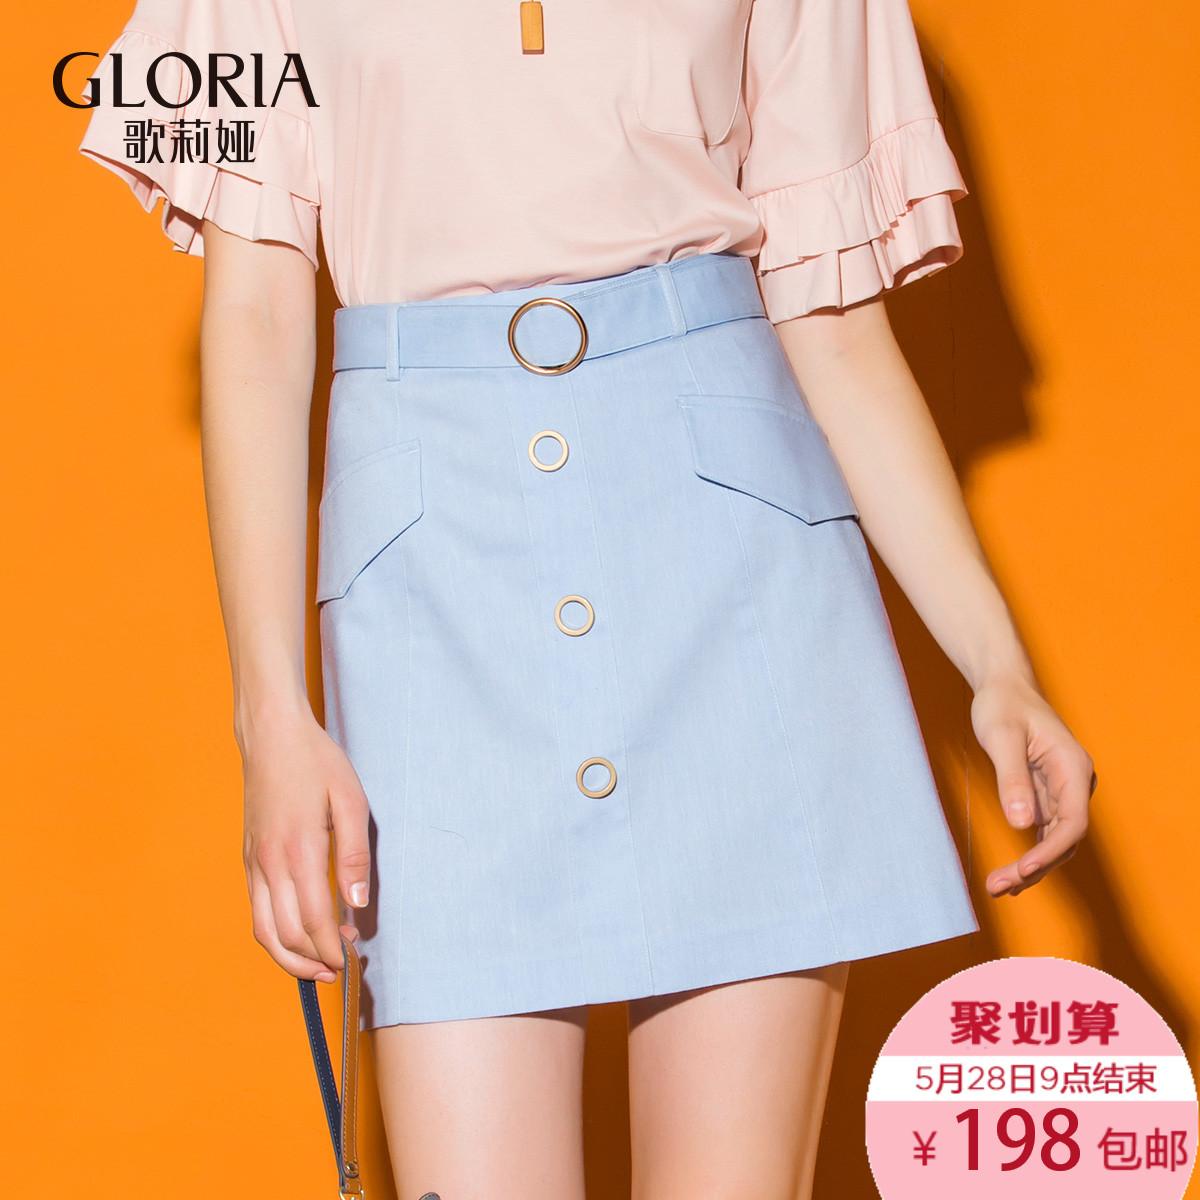 歌莉娅女装 预售|GLORIA歌莉娅2017年夏新配送腰带A型半截裙 173J2A04A_推荐淘宝好看的歌莉娅